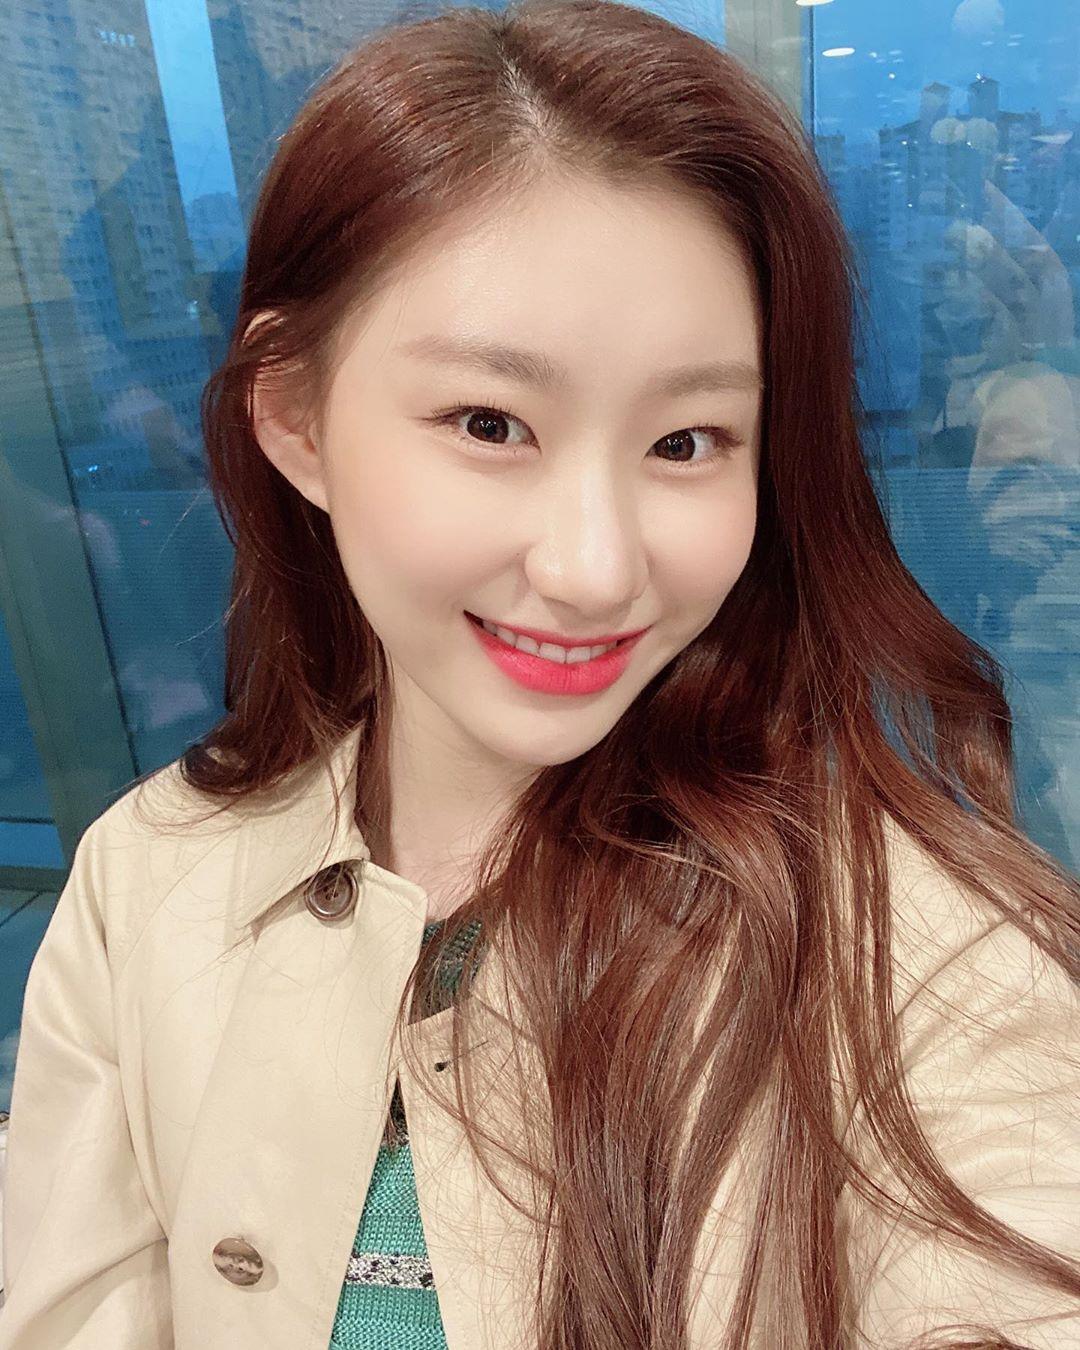 chaeryeong 10